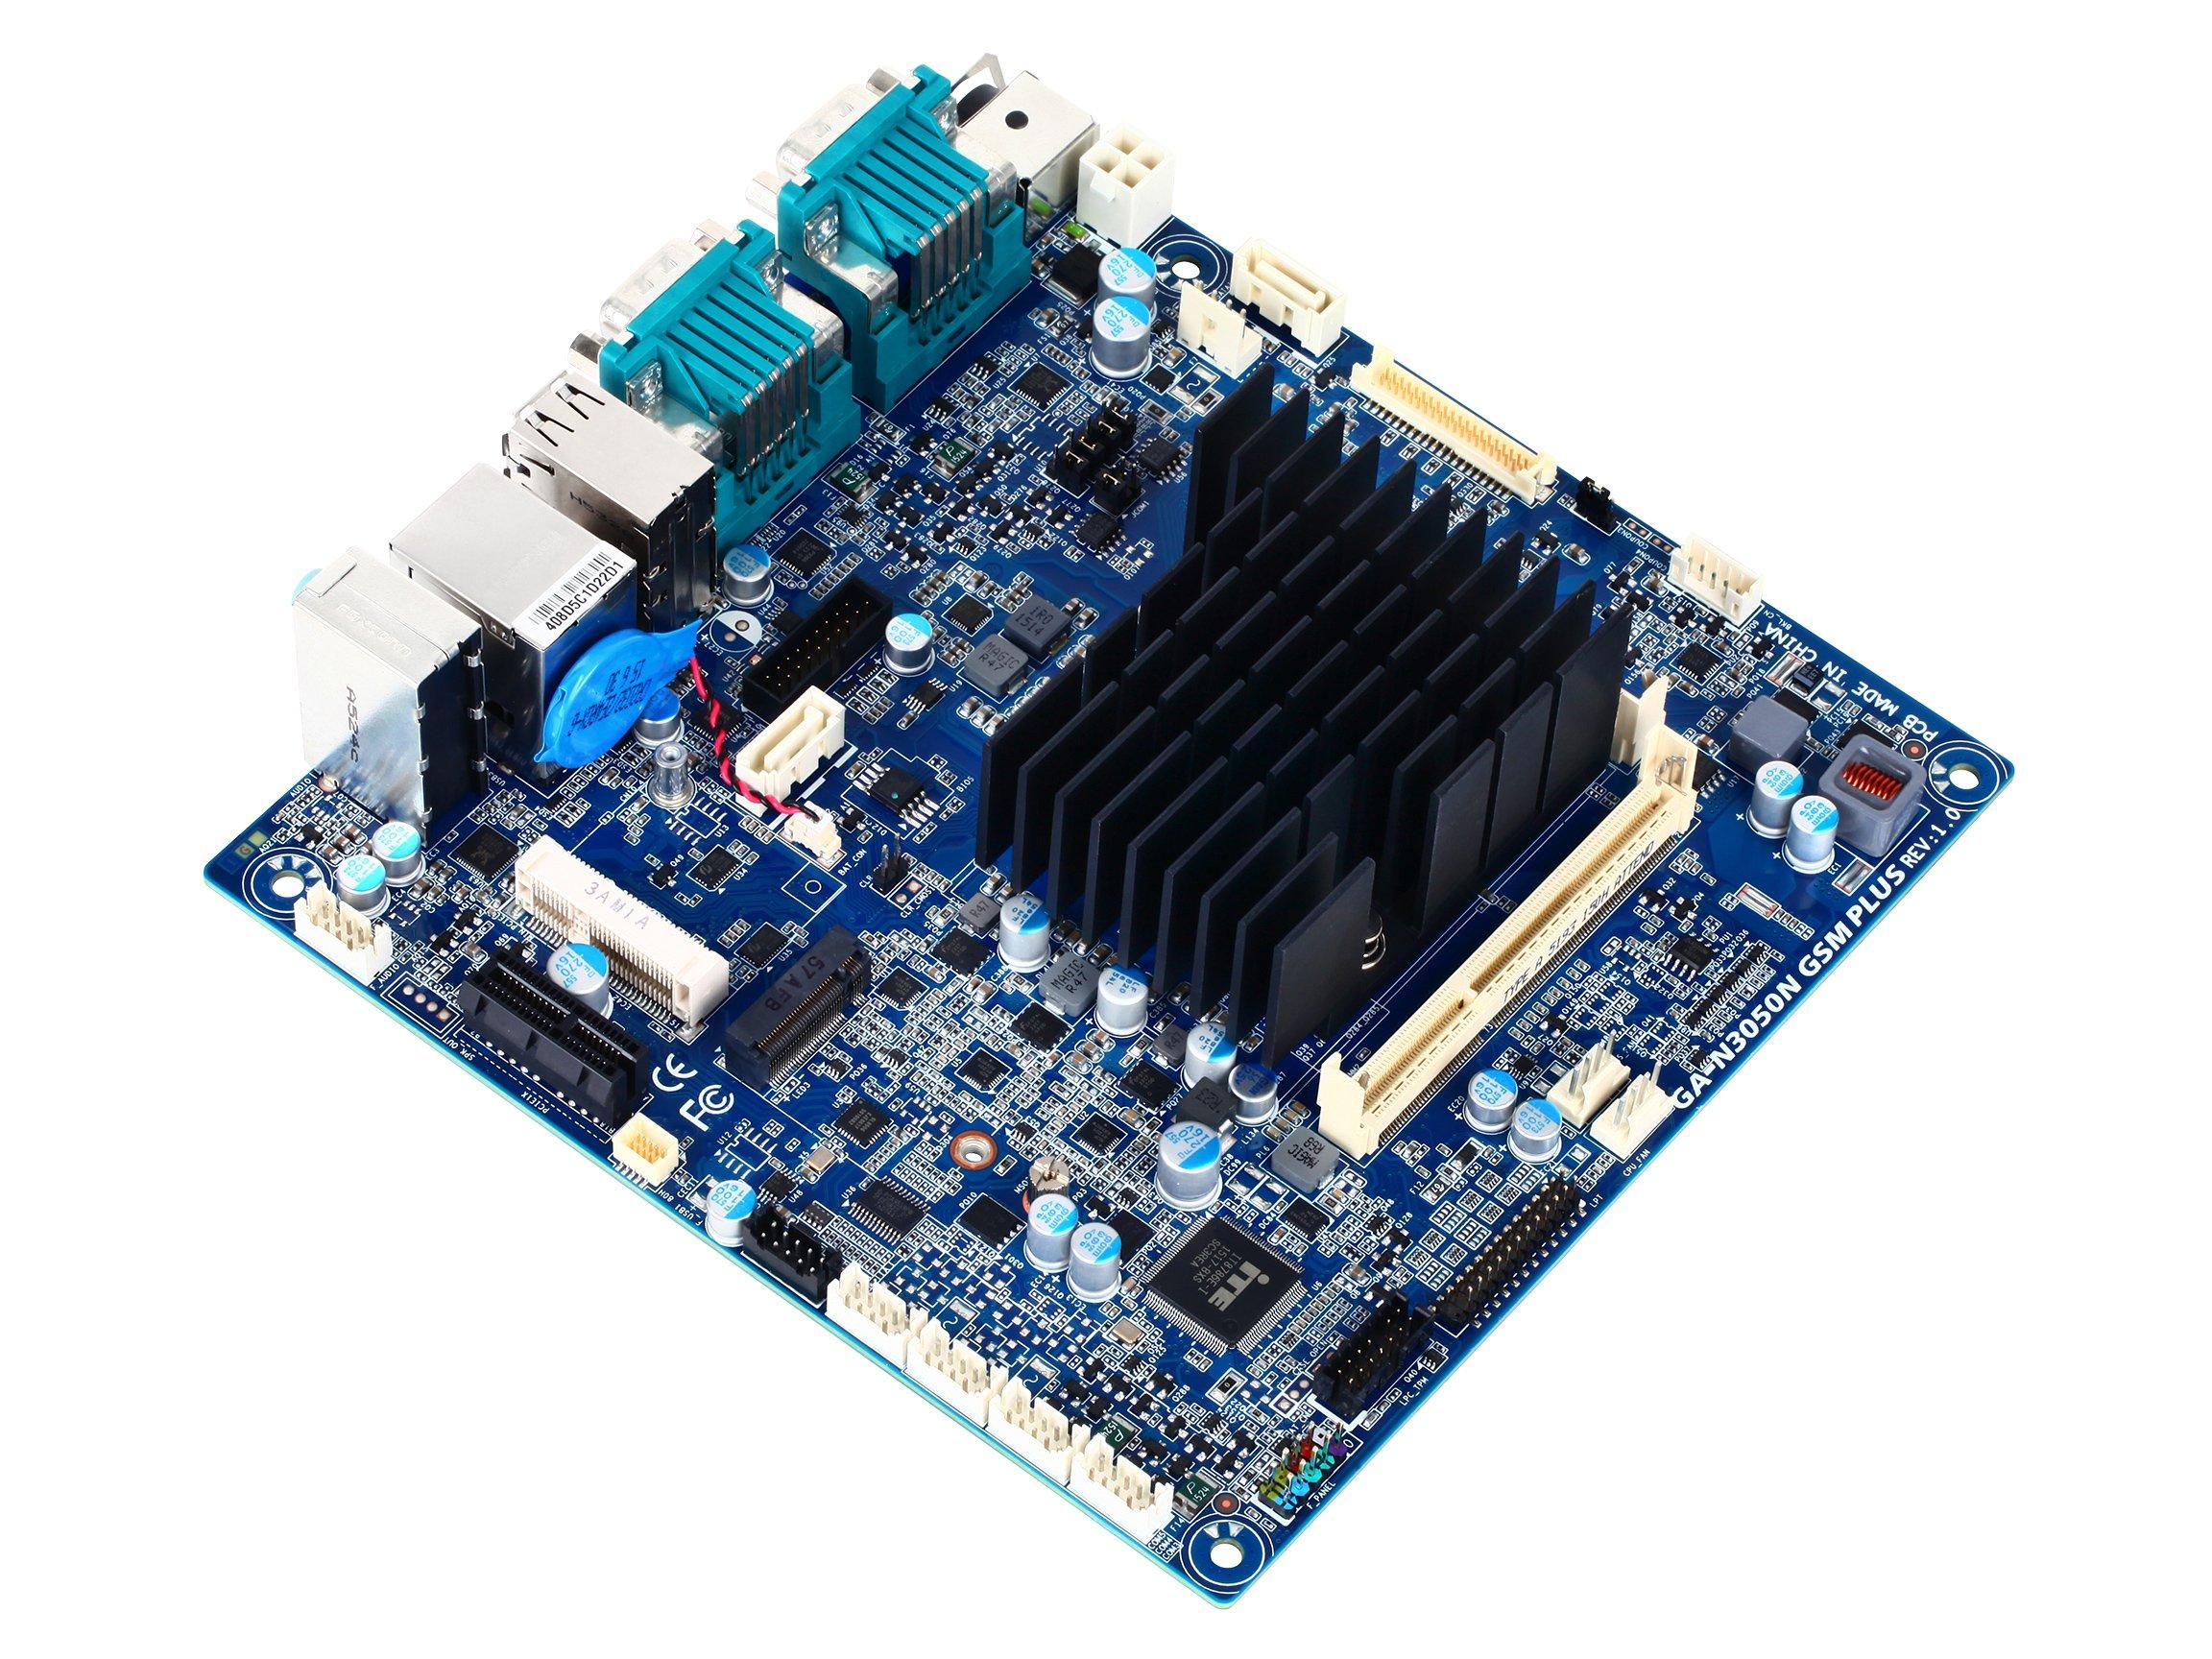 GIGABYTE GA-N3050N GSM PLUS Motherboard & CPU Combo by Gigabyte (Image #5)